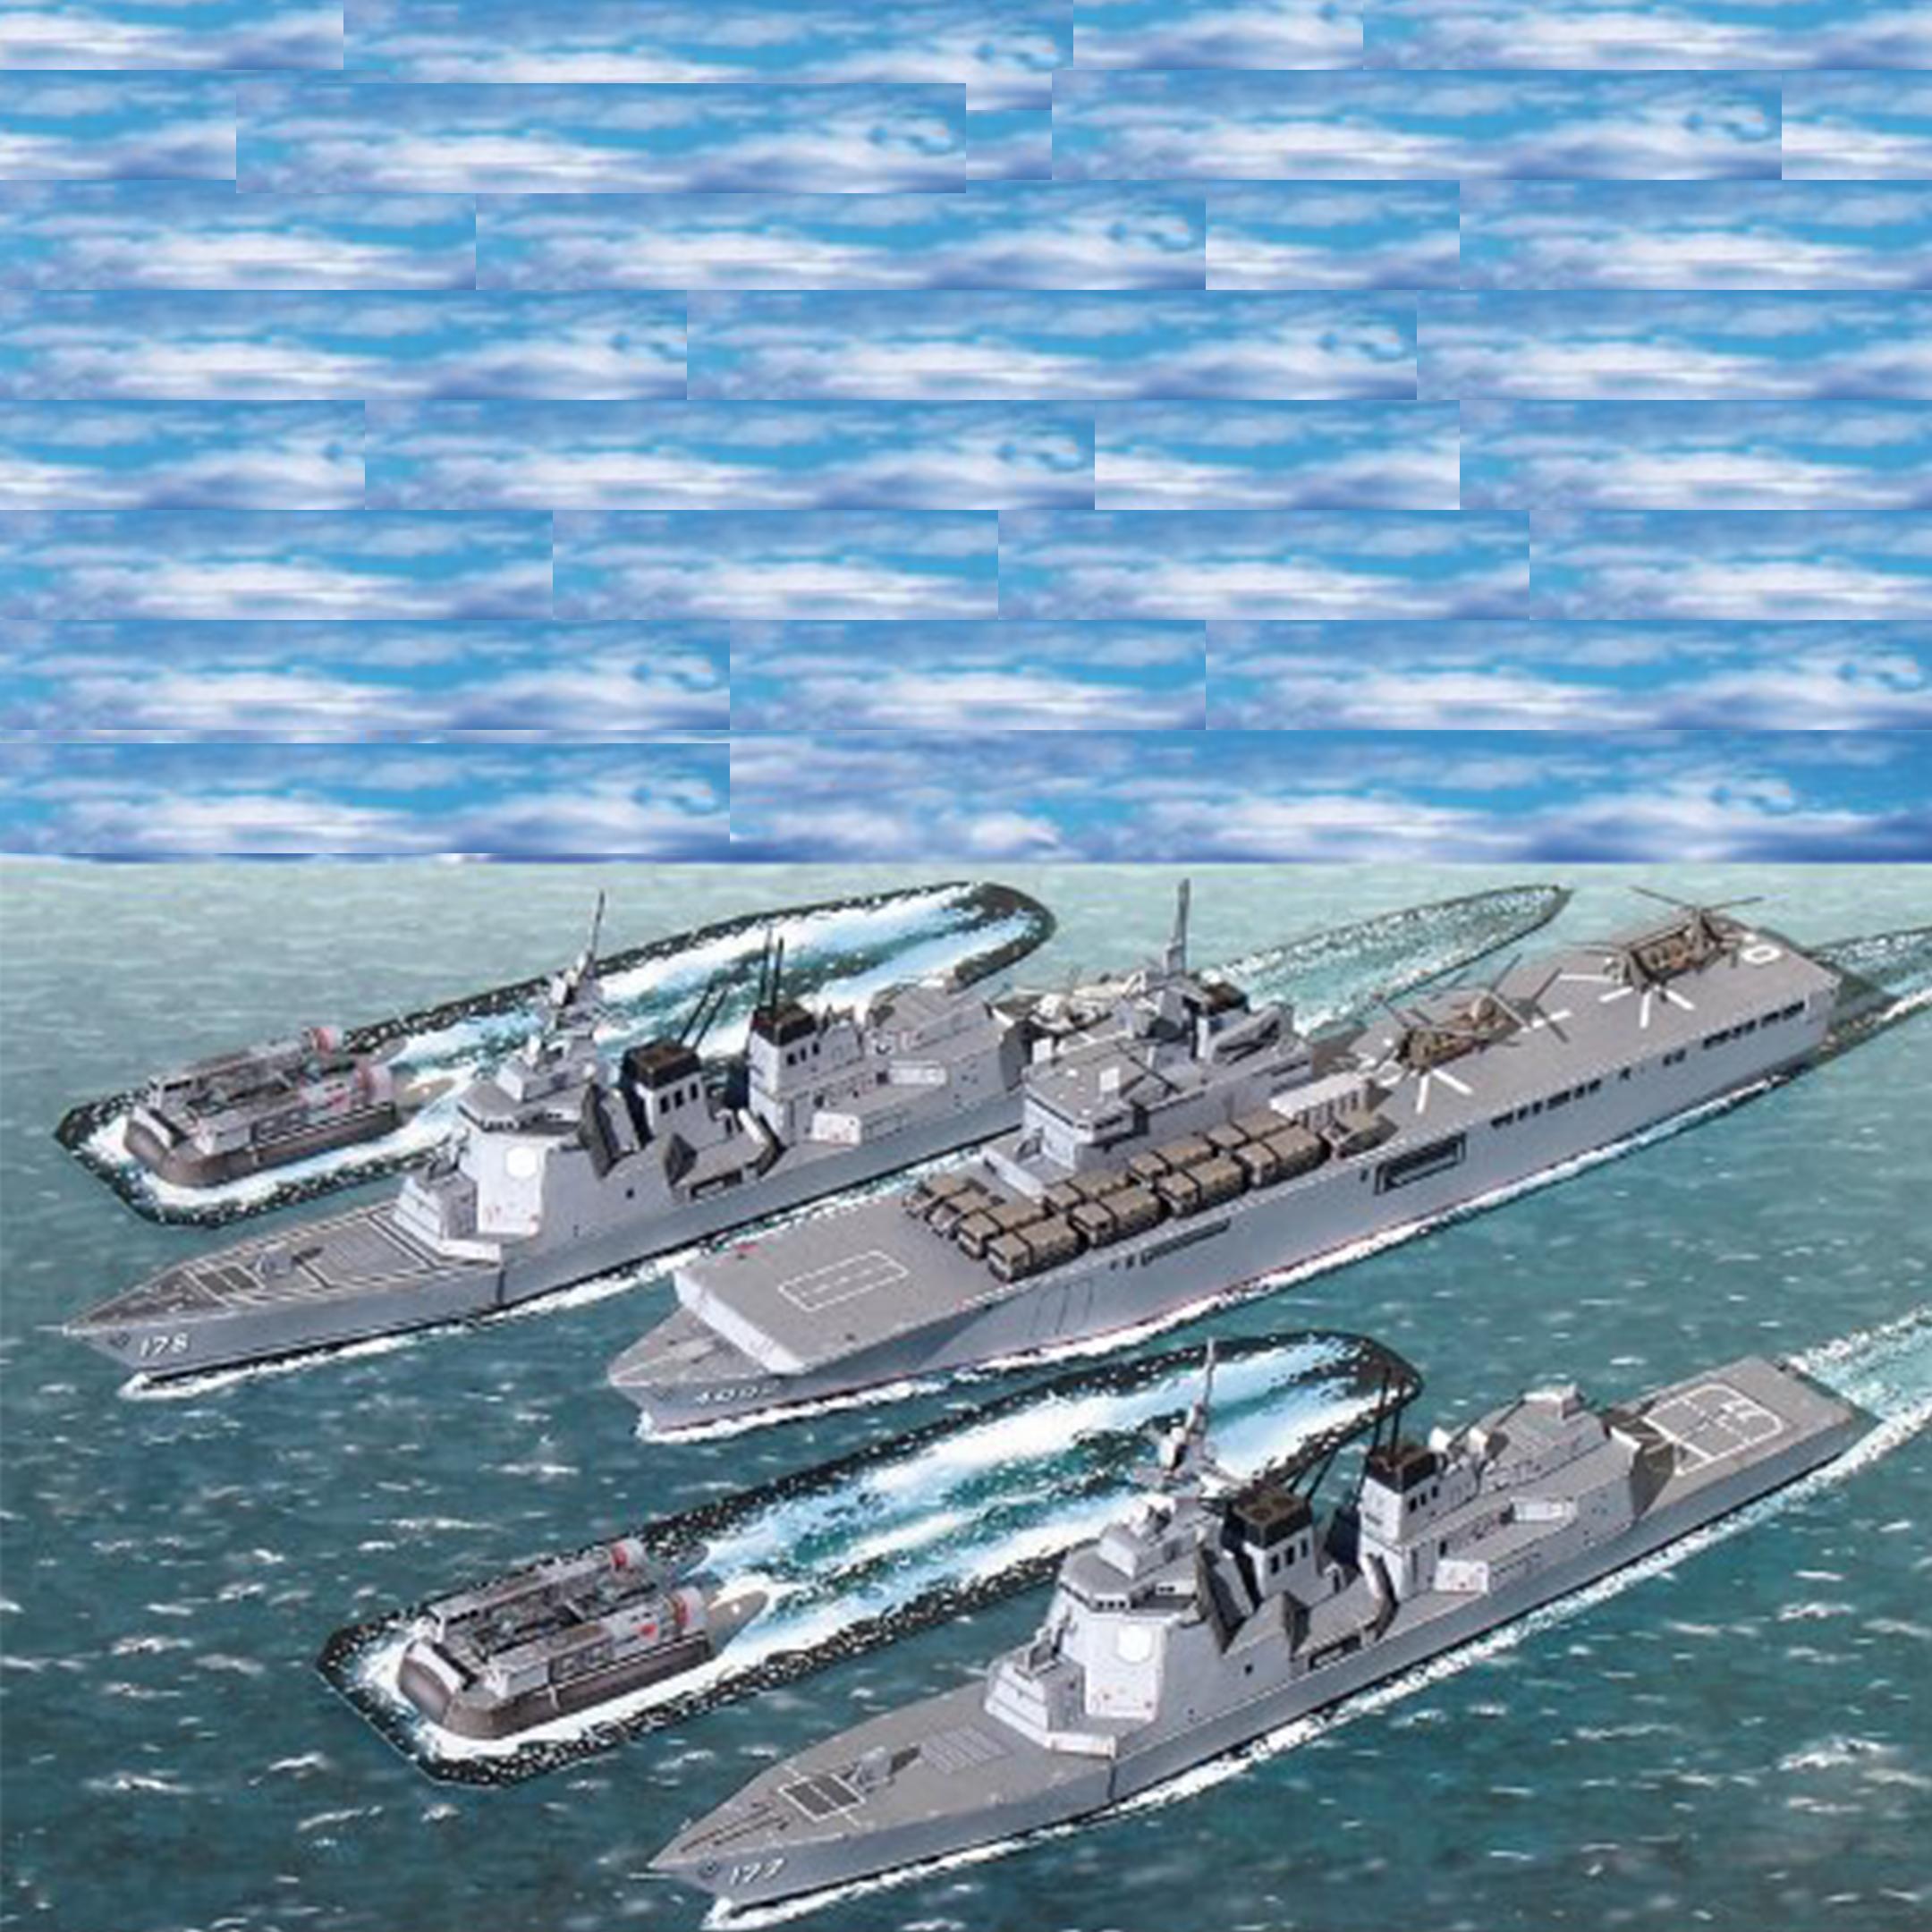 海上自衛隊の艦隊防空の要であるイージス システム搭載護衛艦あたご型を1 900スケールでペーパークラフトキットにしました セール品 夏休みの自由研究や父の日の工作キットギフトにも最適です 送料無料 ファセット ペーパークラフト 海上自衛隊 レビューを書けば送料当店負担 艦隊防空 イージス 代引き未対応 900 メール便発送 PineGlobal システム搭載護衛艦 1 あたご型 A4サイズ 日本製 パイングローバル